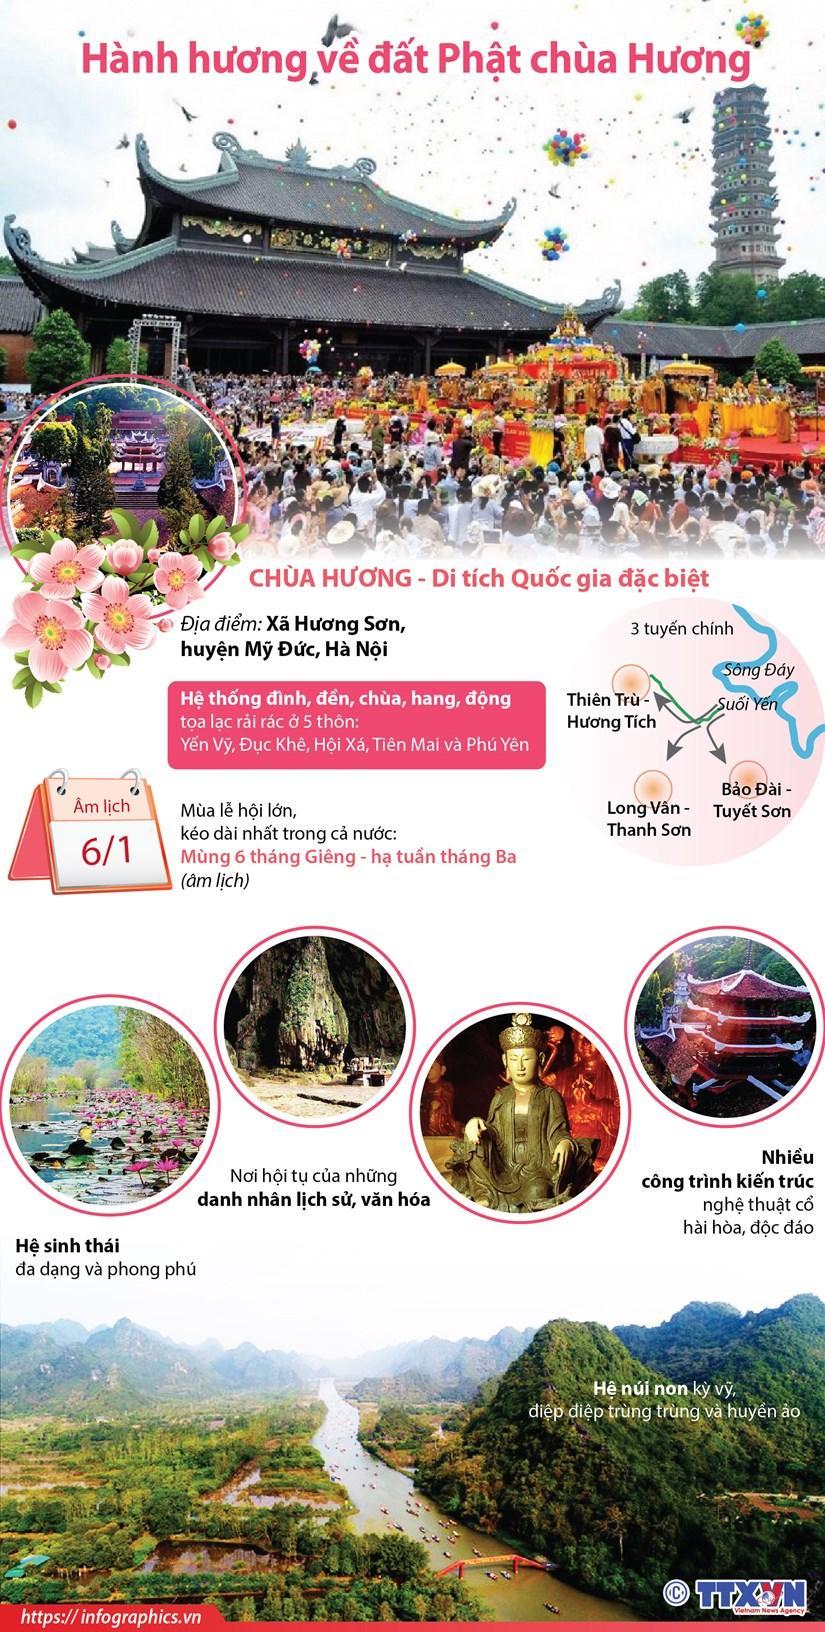 Hành hương về đất Phật chùa Hương Ảnh 1